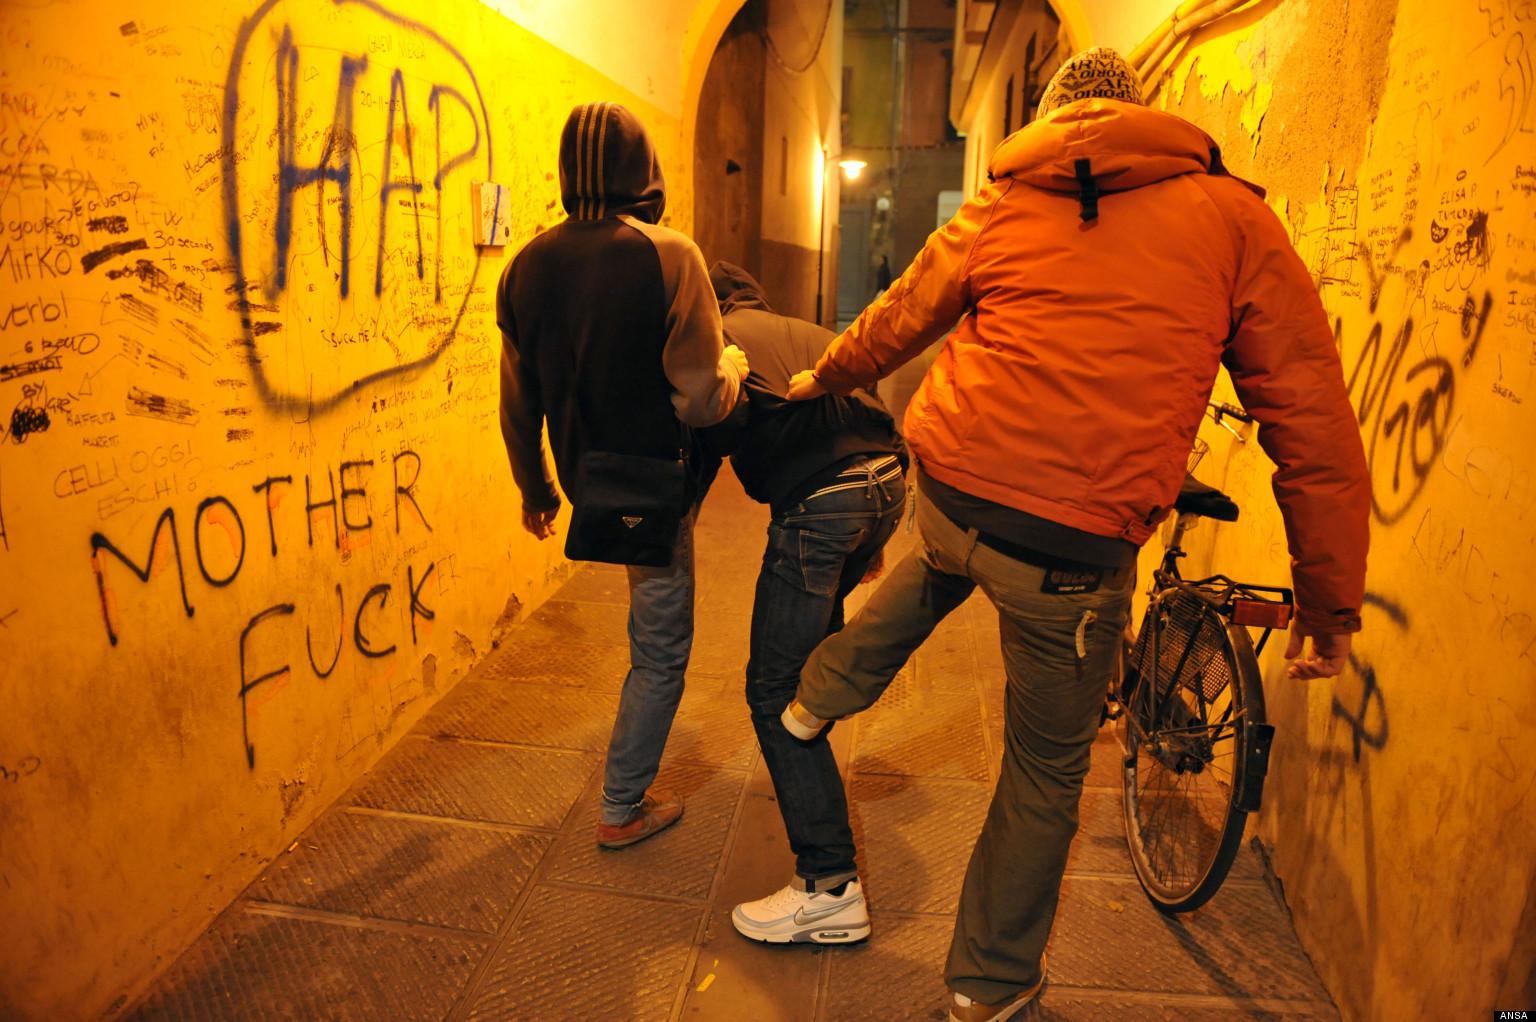 Bullismo a Napoli: 14enne violentato con un compressore perché grasso